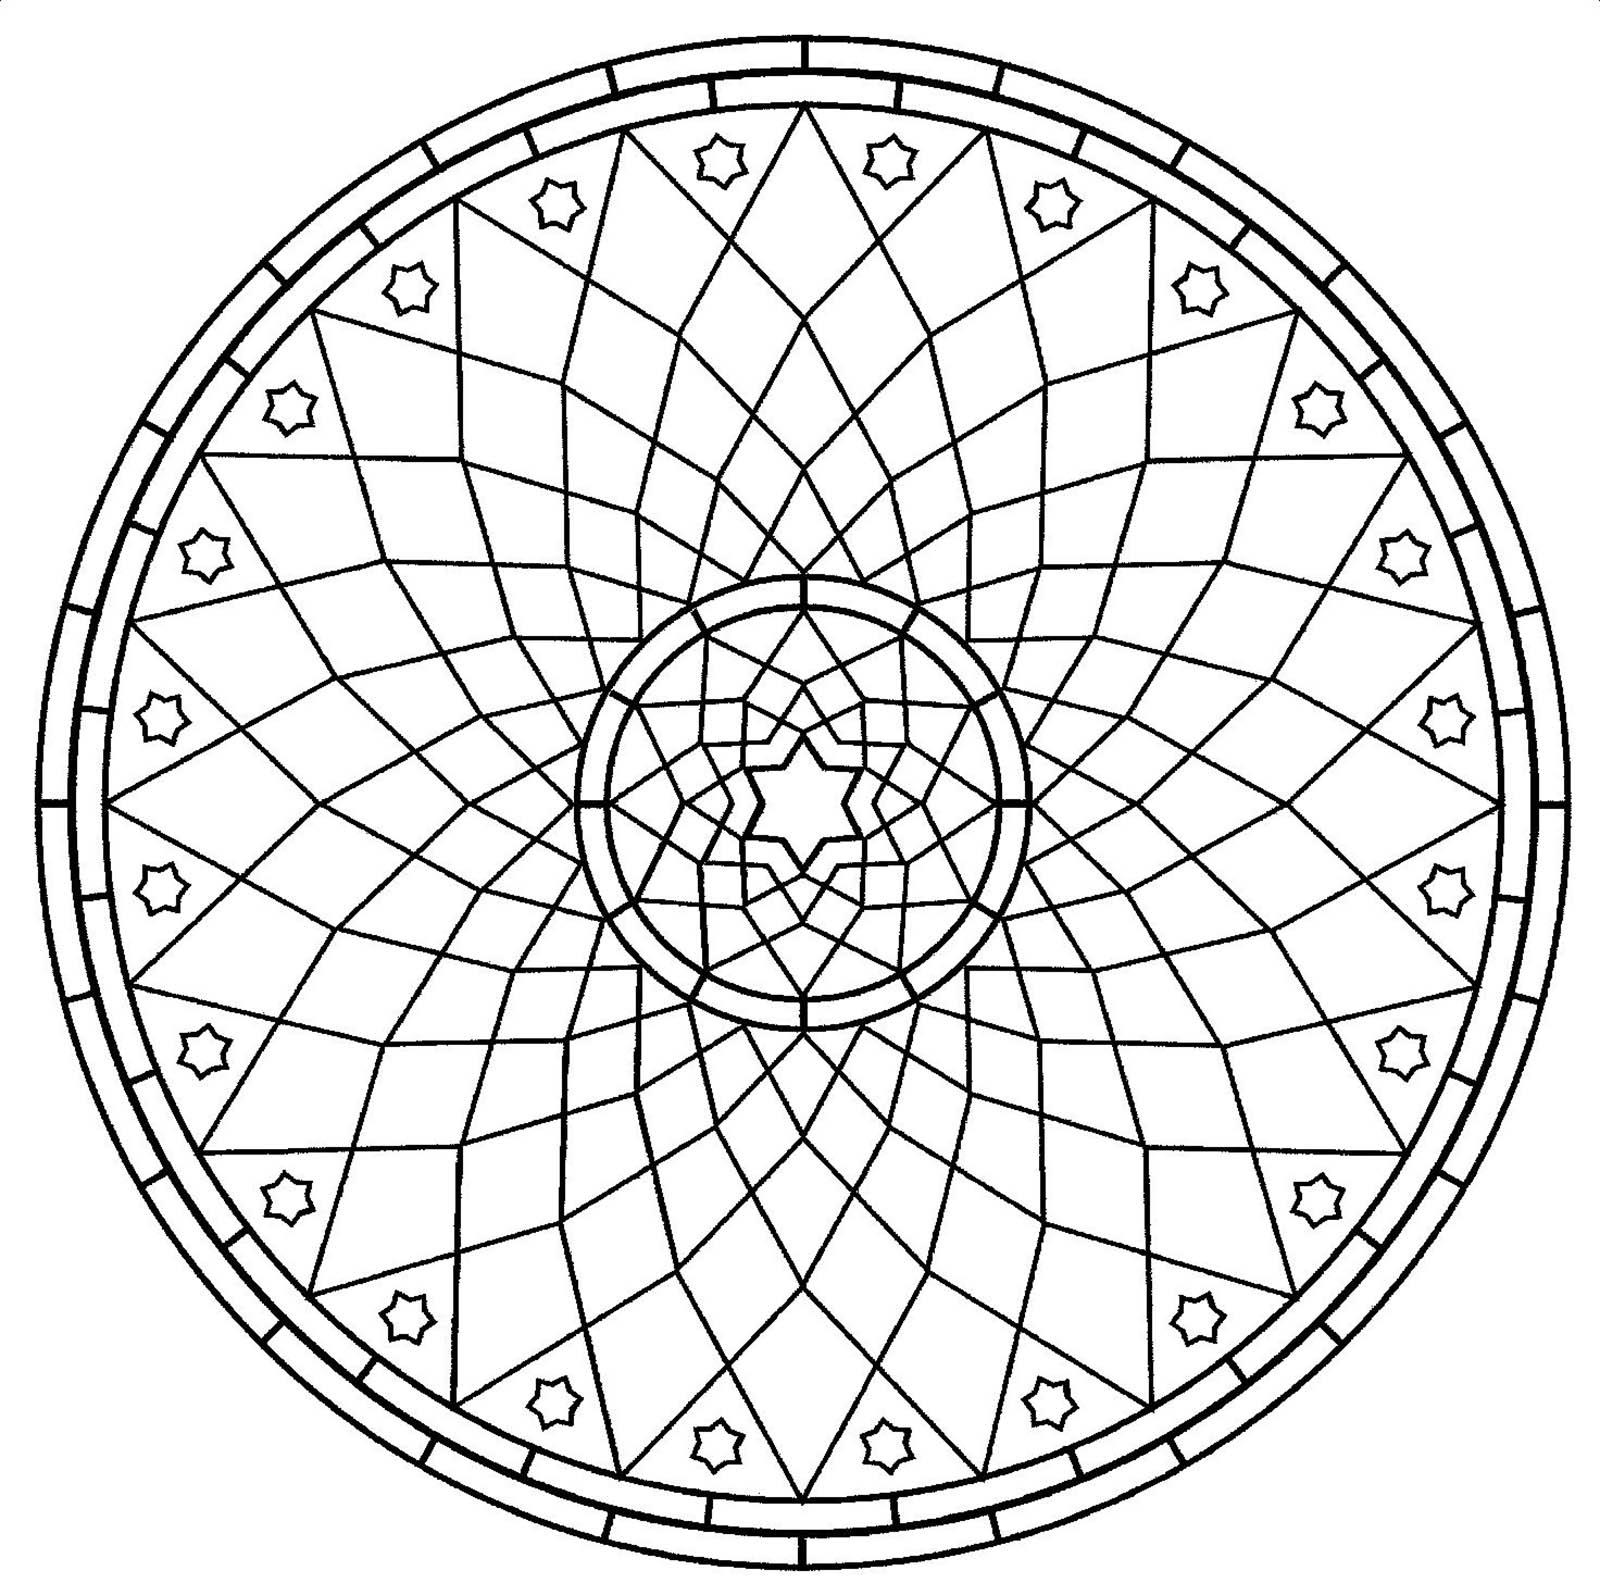 Mandala Gratuit Rosace - Mandalas Avec Motifs Géométriques avec Rosace A Imprimer